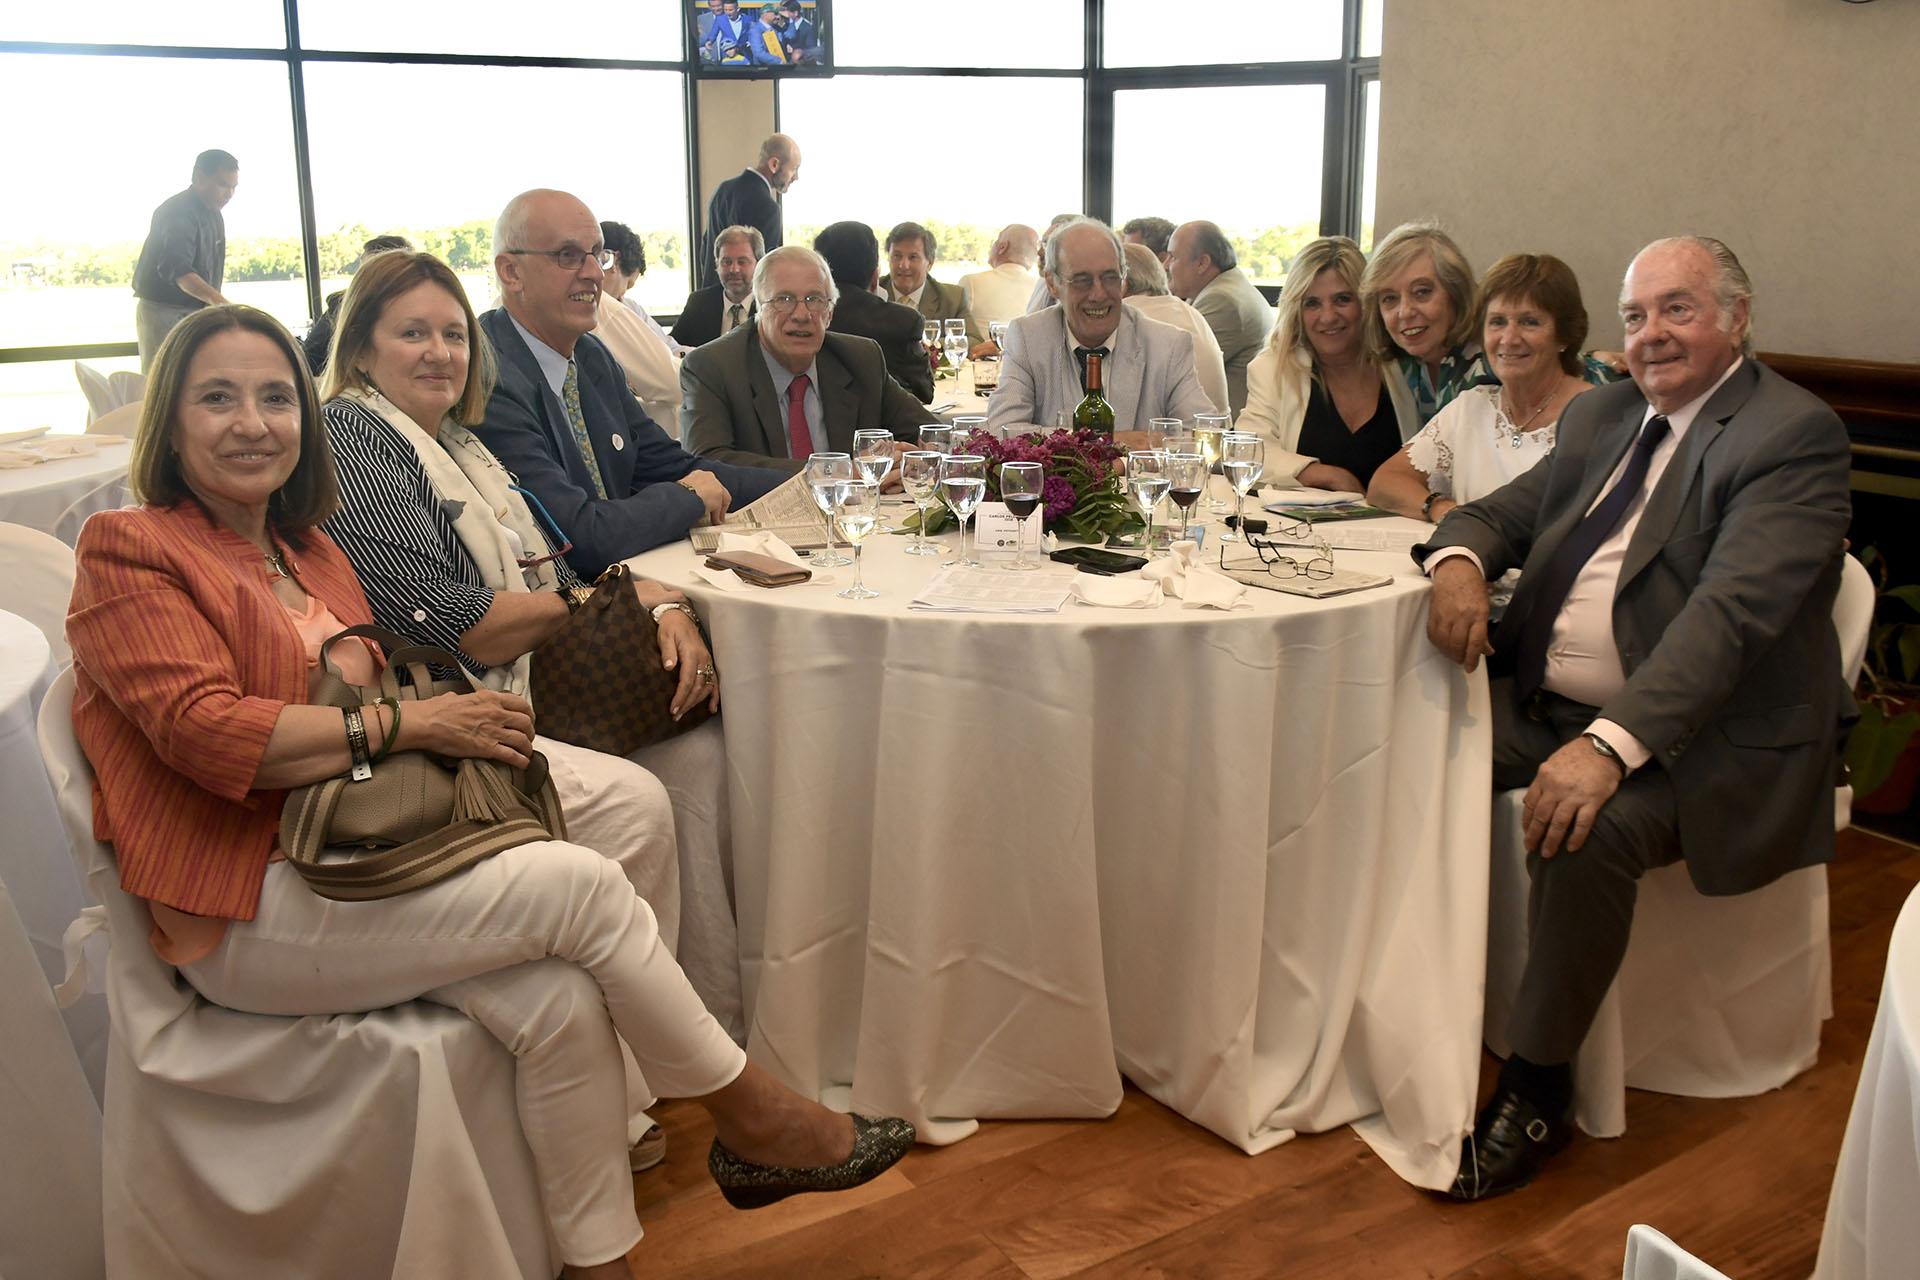 Socios del Jockey Club. Alejandro Piffaretti, Poupee, Verónica Lacarran de Pilarsi, Santiago Arauz de Pilar, Raúl Curuchet, Chao Baul y Adriana de Chau Baul.